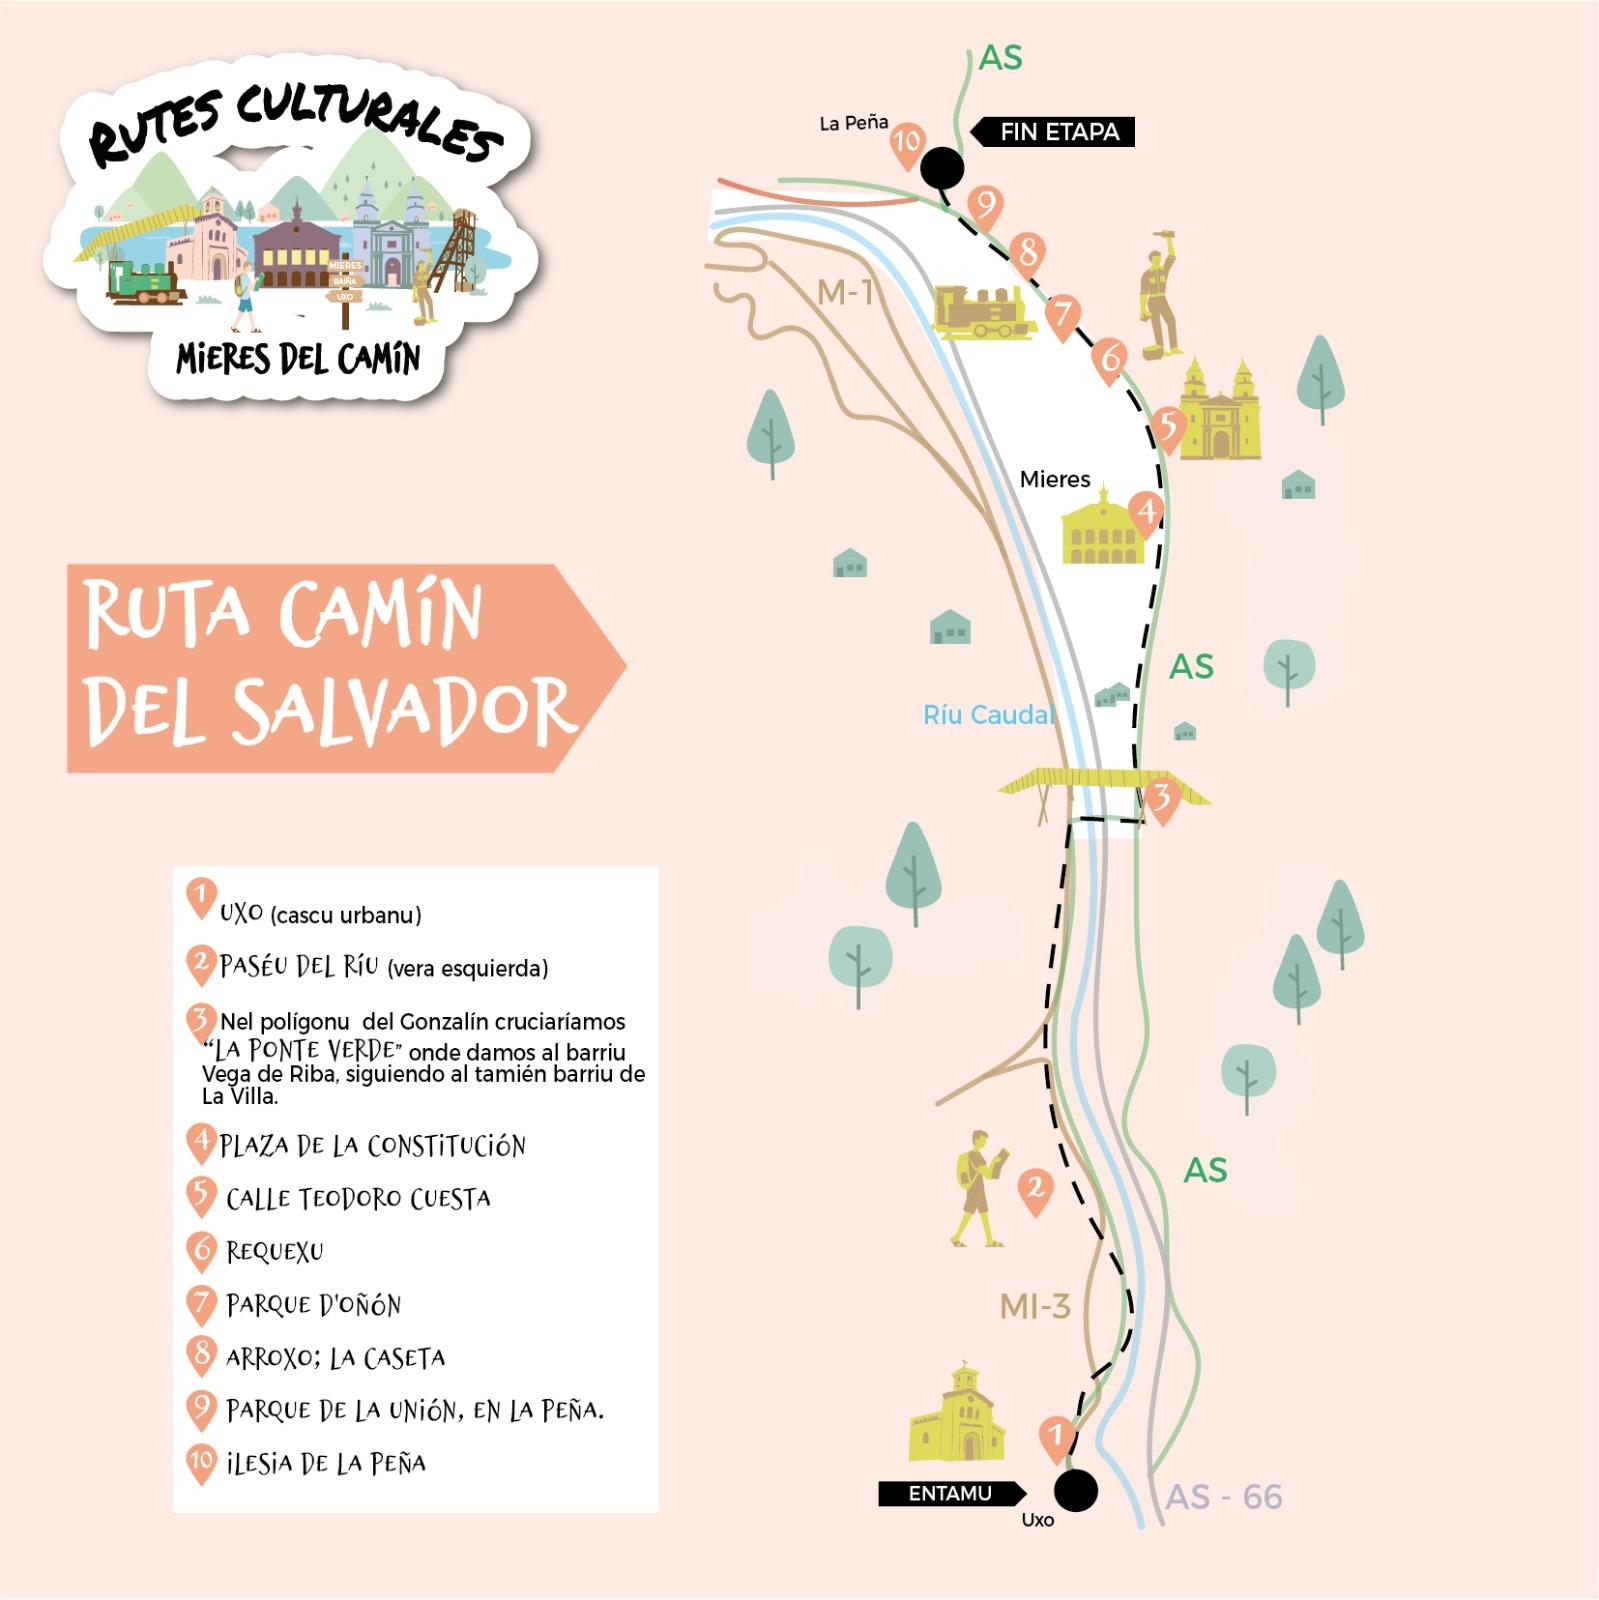 Ruta Camin Salvador